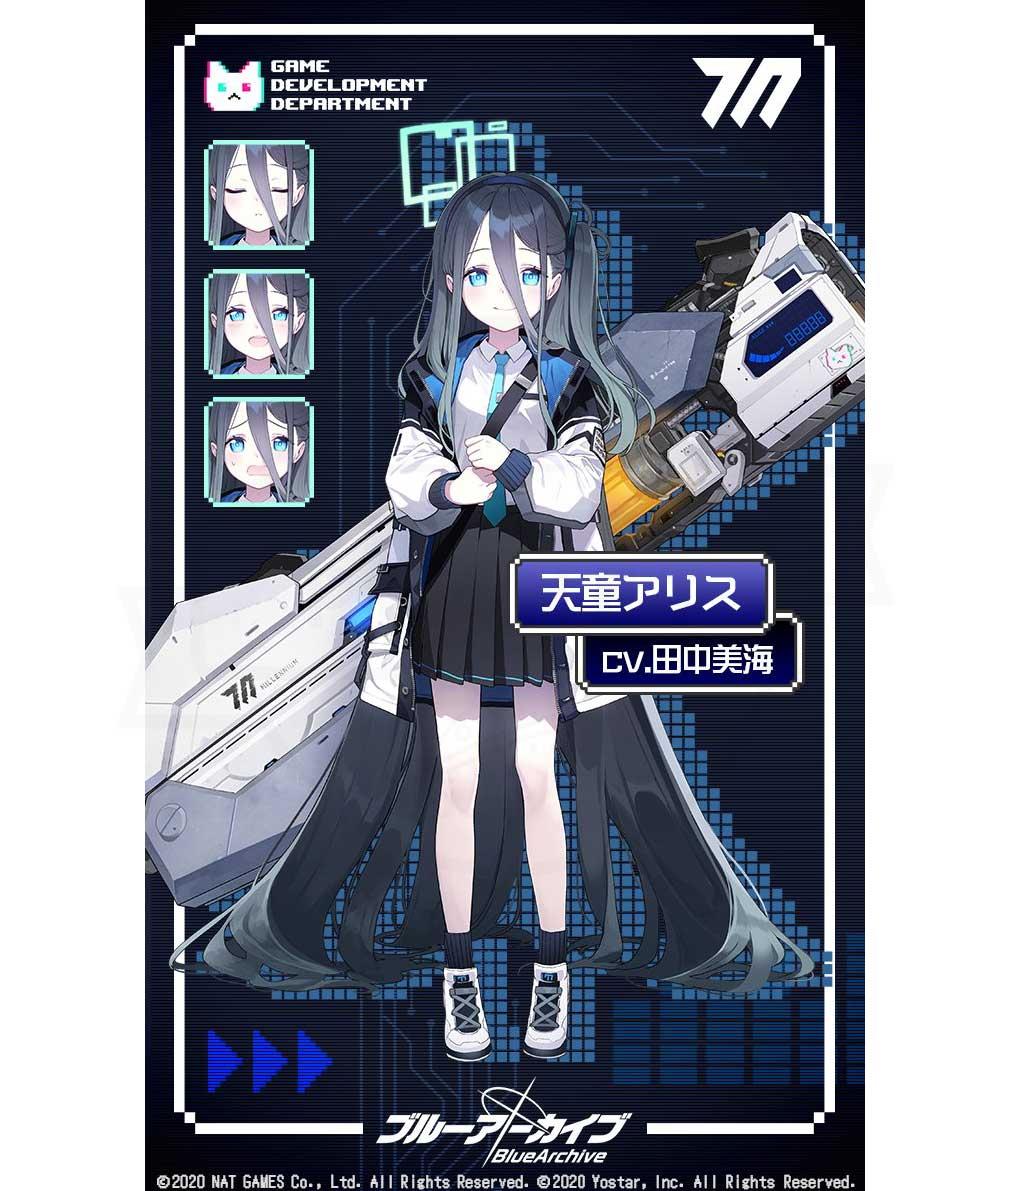 ブルーアーカイブ -Blue Archive-(ブルアカ) キャラクター『天童 アリス』紹介イメージ